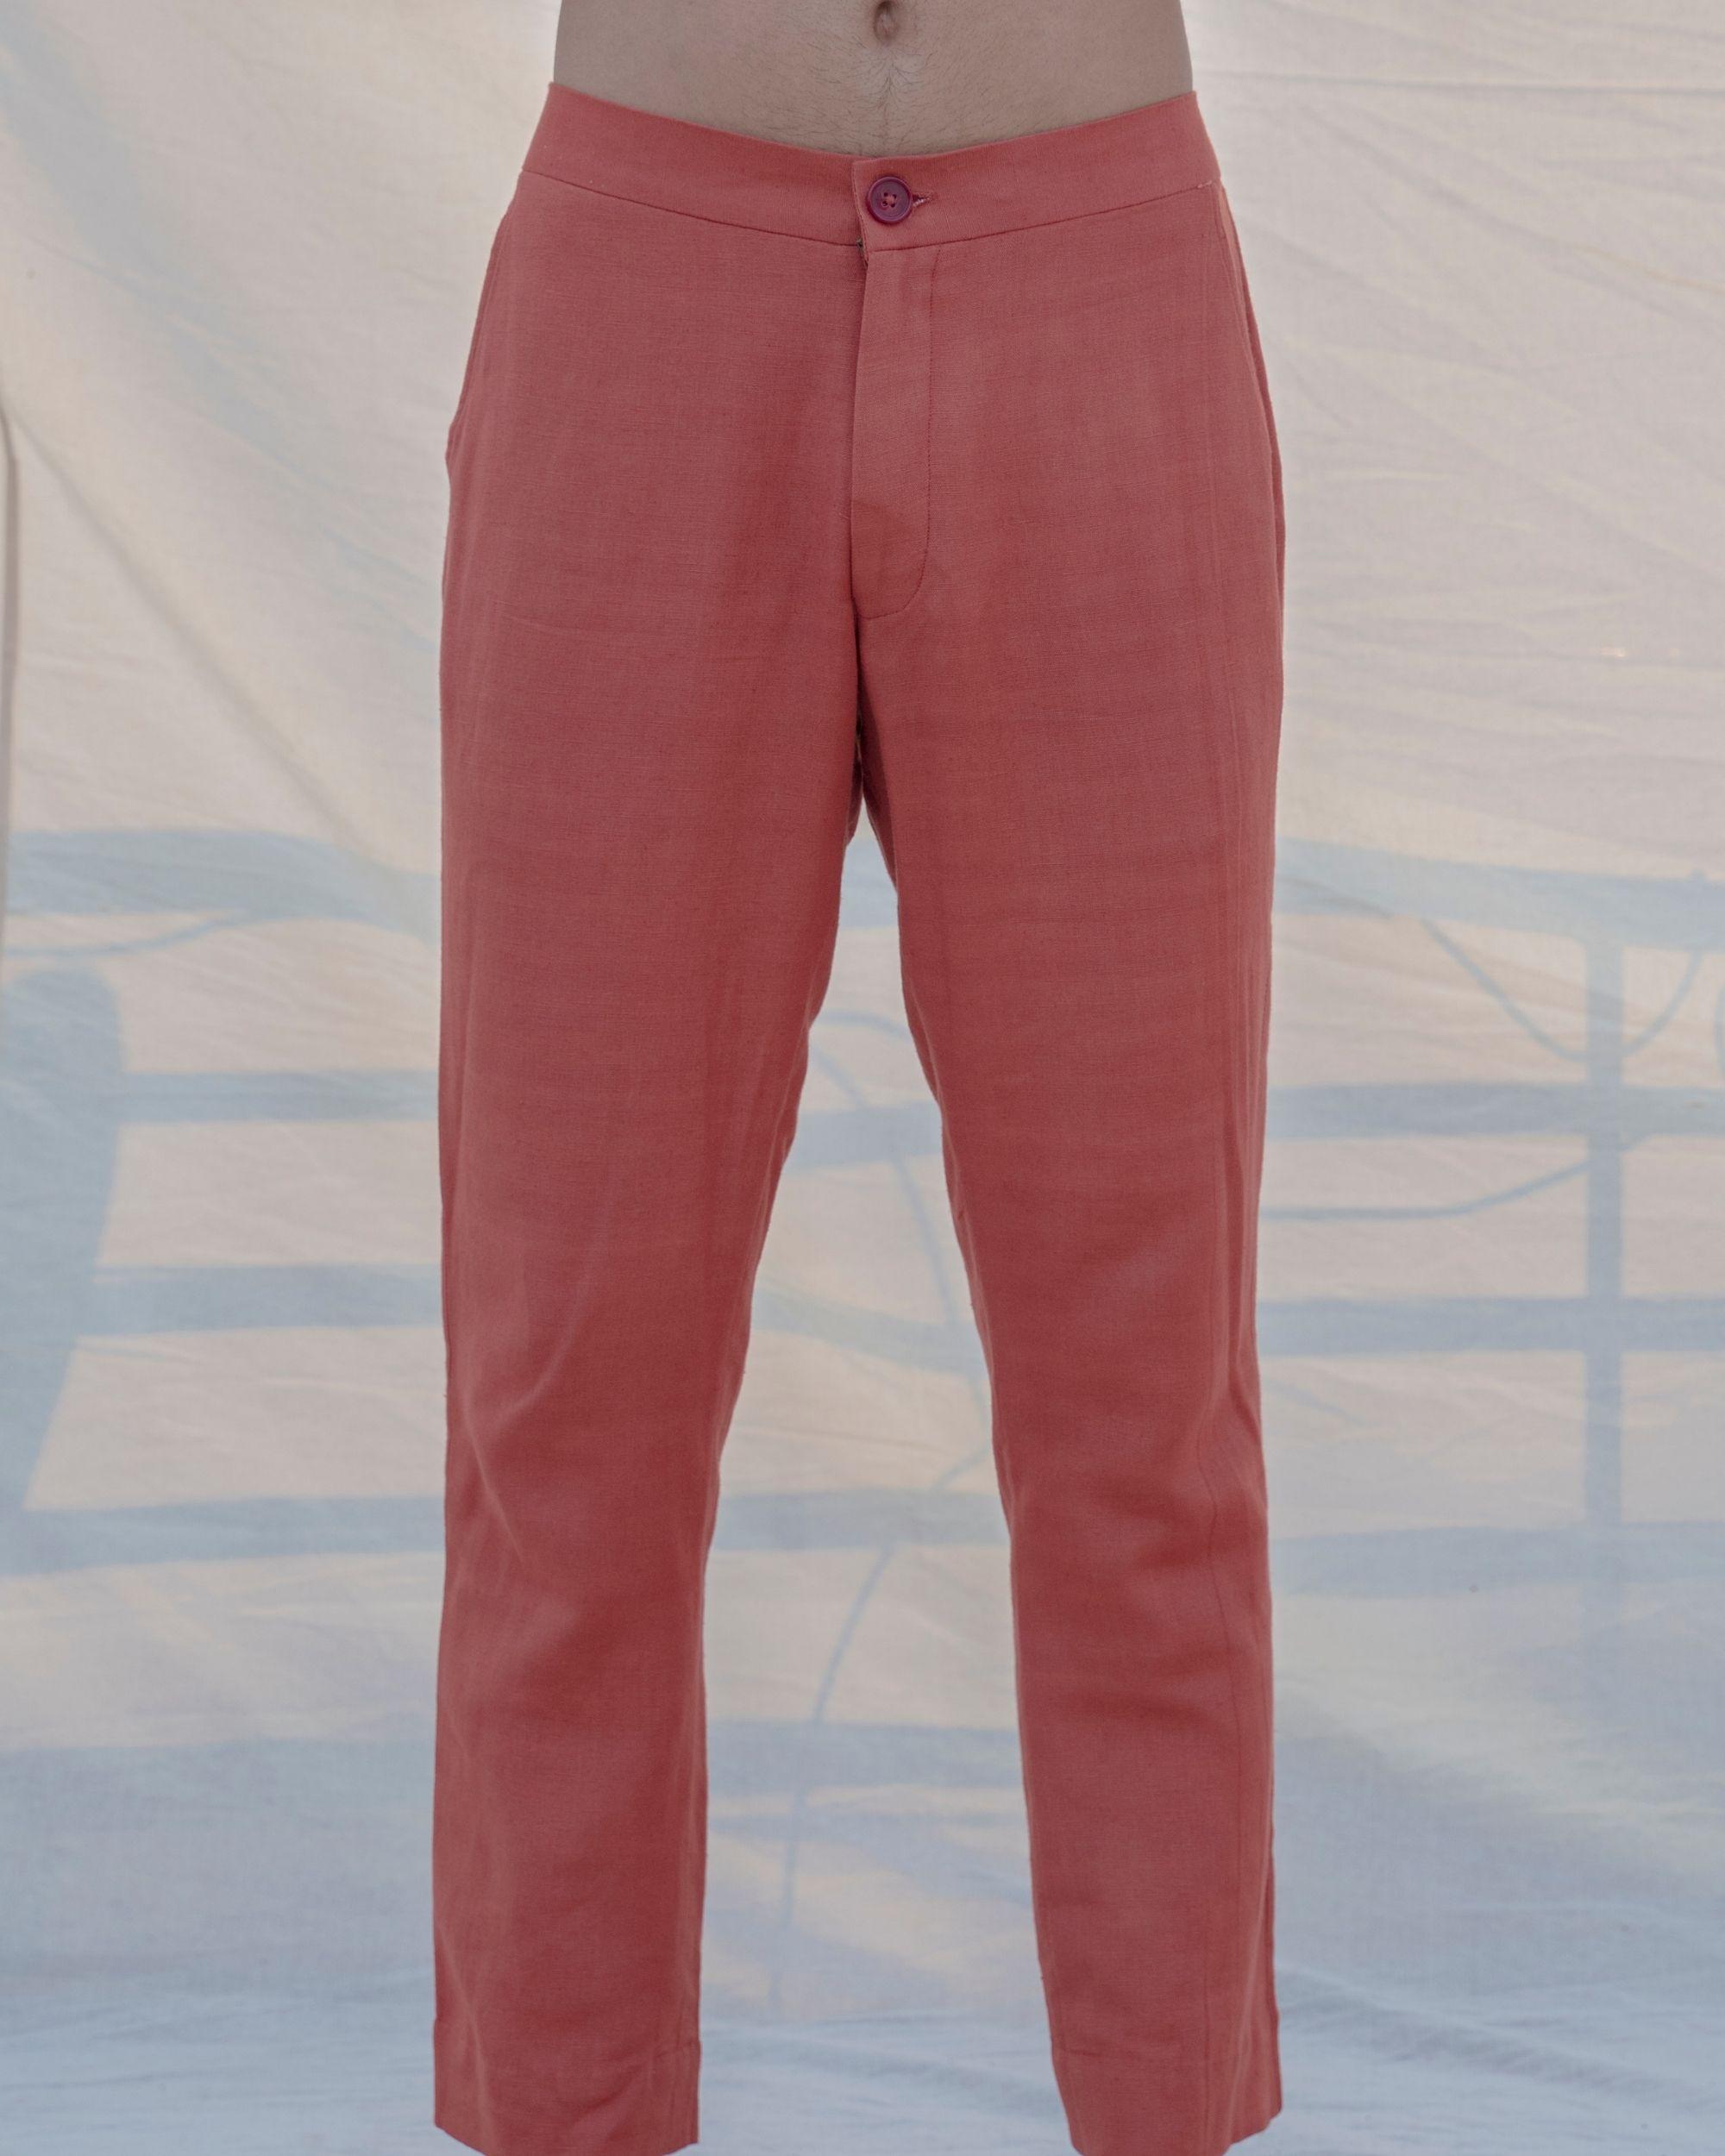 Coral cotton linen pants